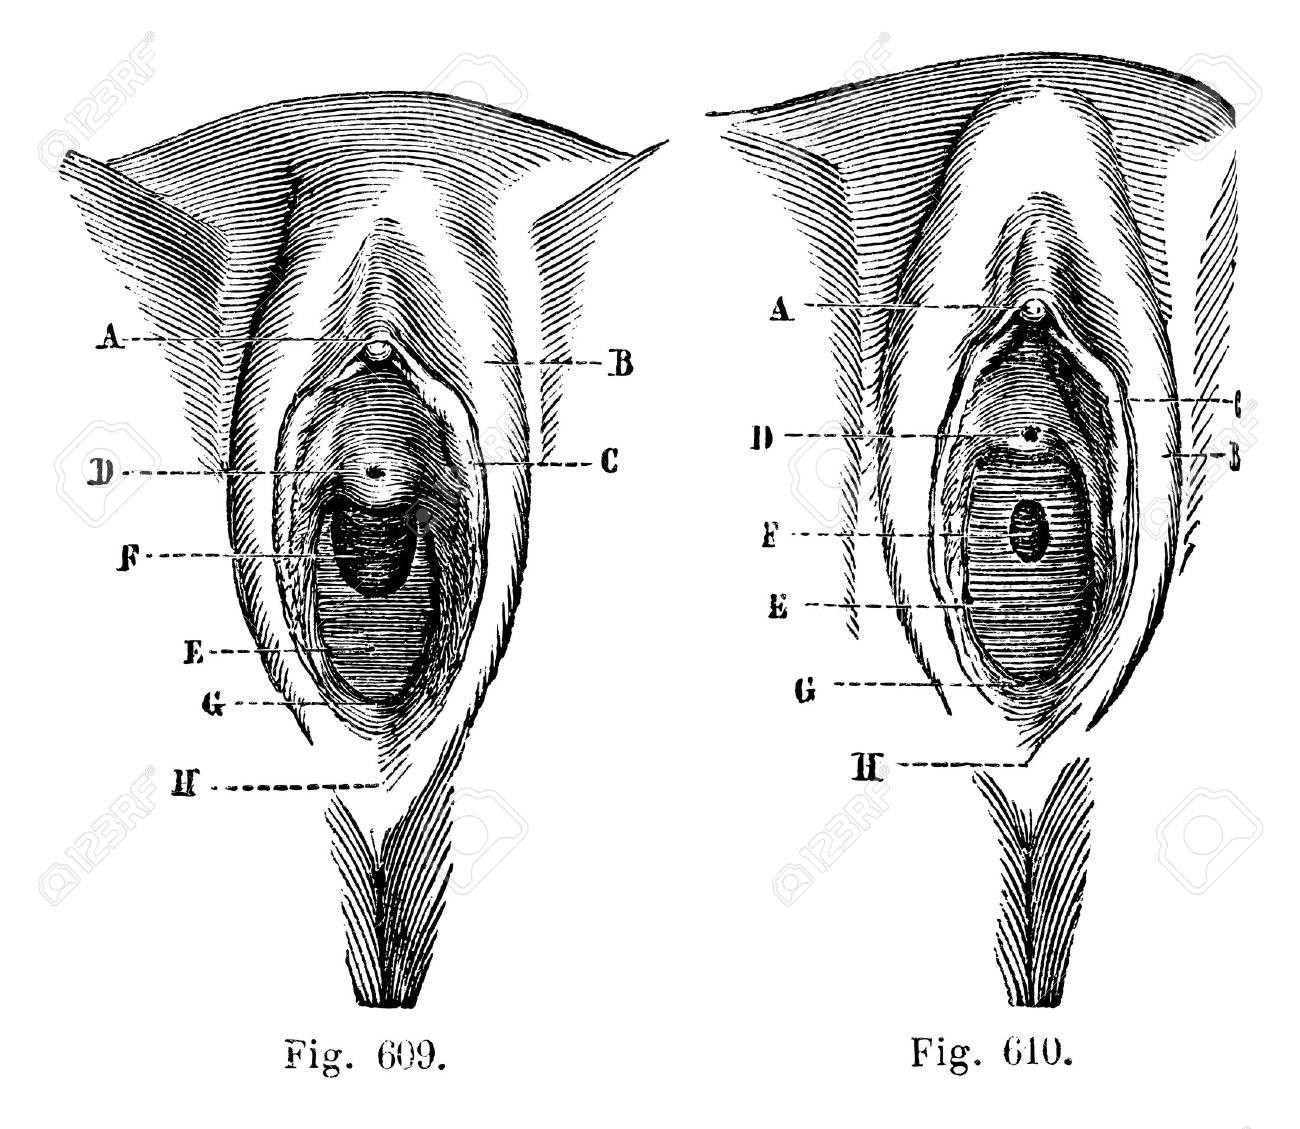 Abb.. 609. Vulva In Dem Kleinen Mädchen. Abb.. 610. Vulva In Dem ...